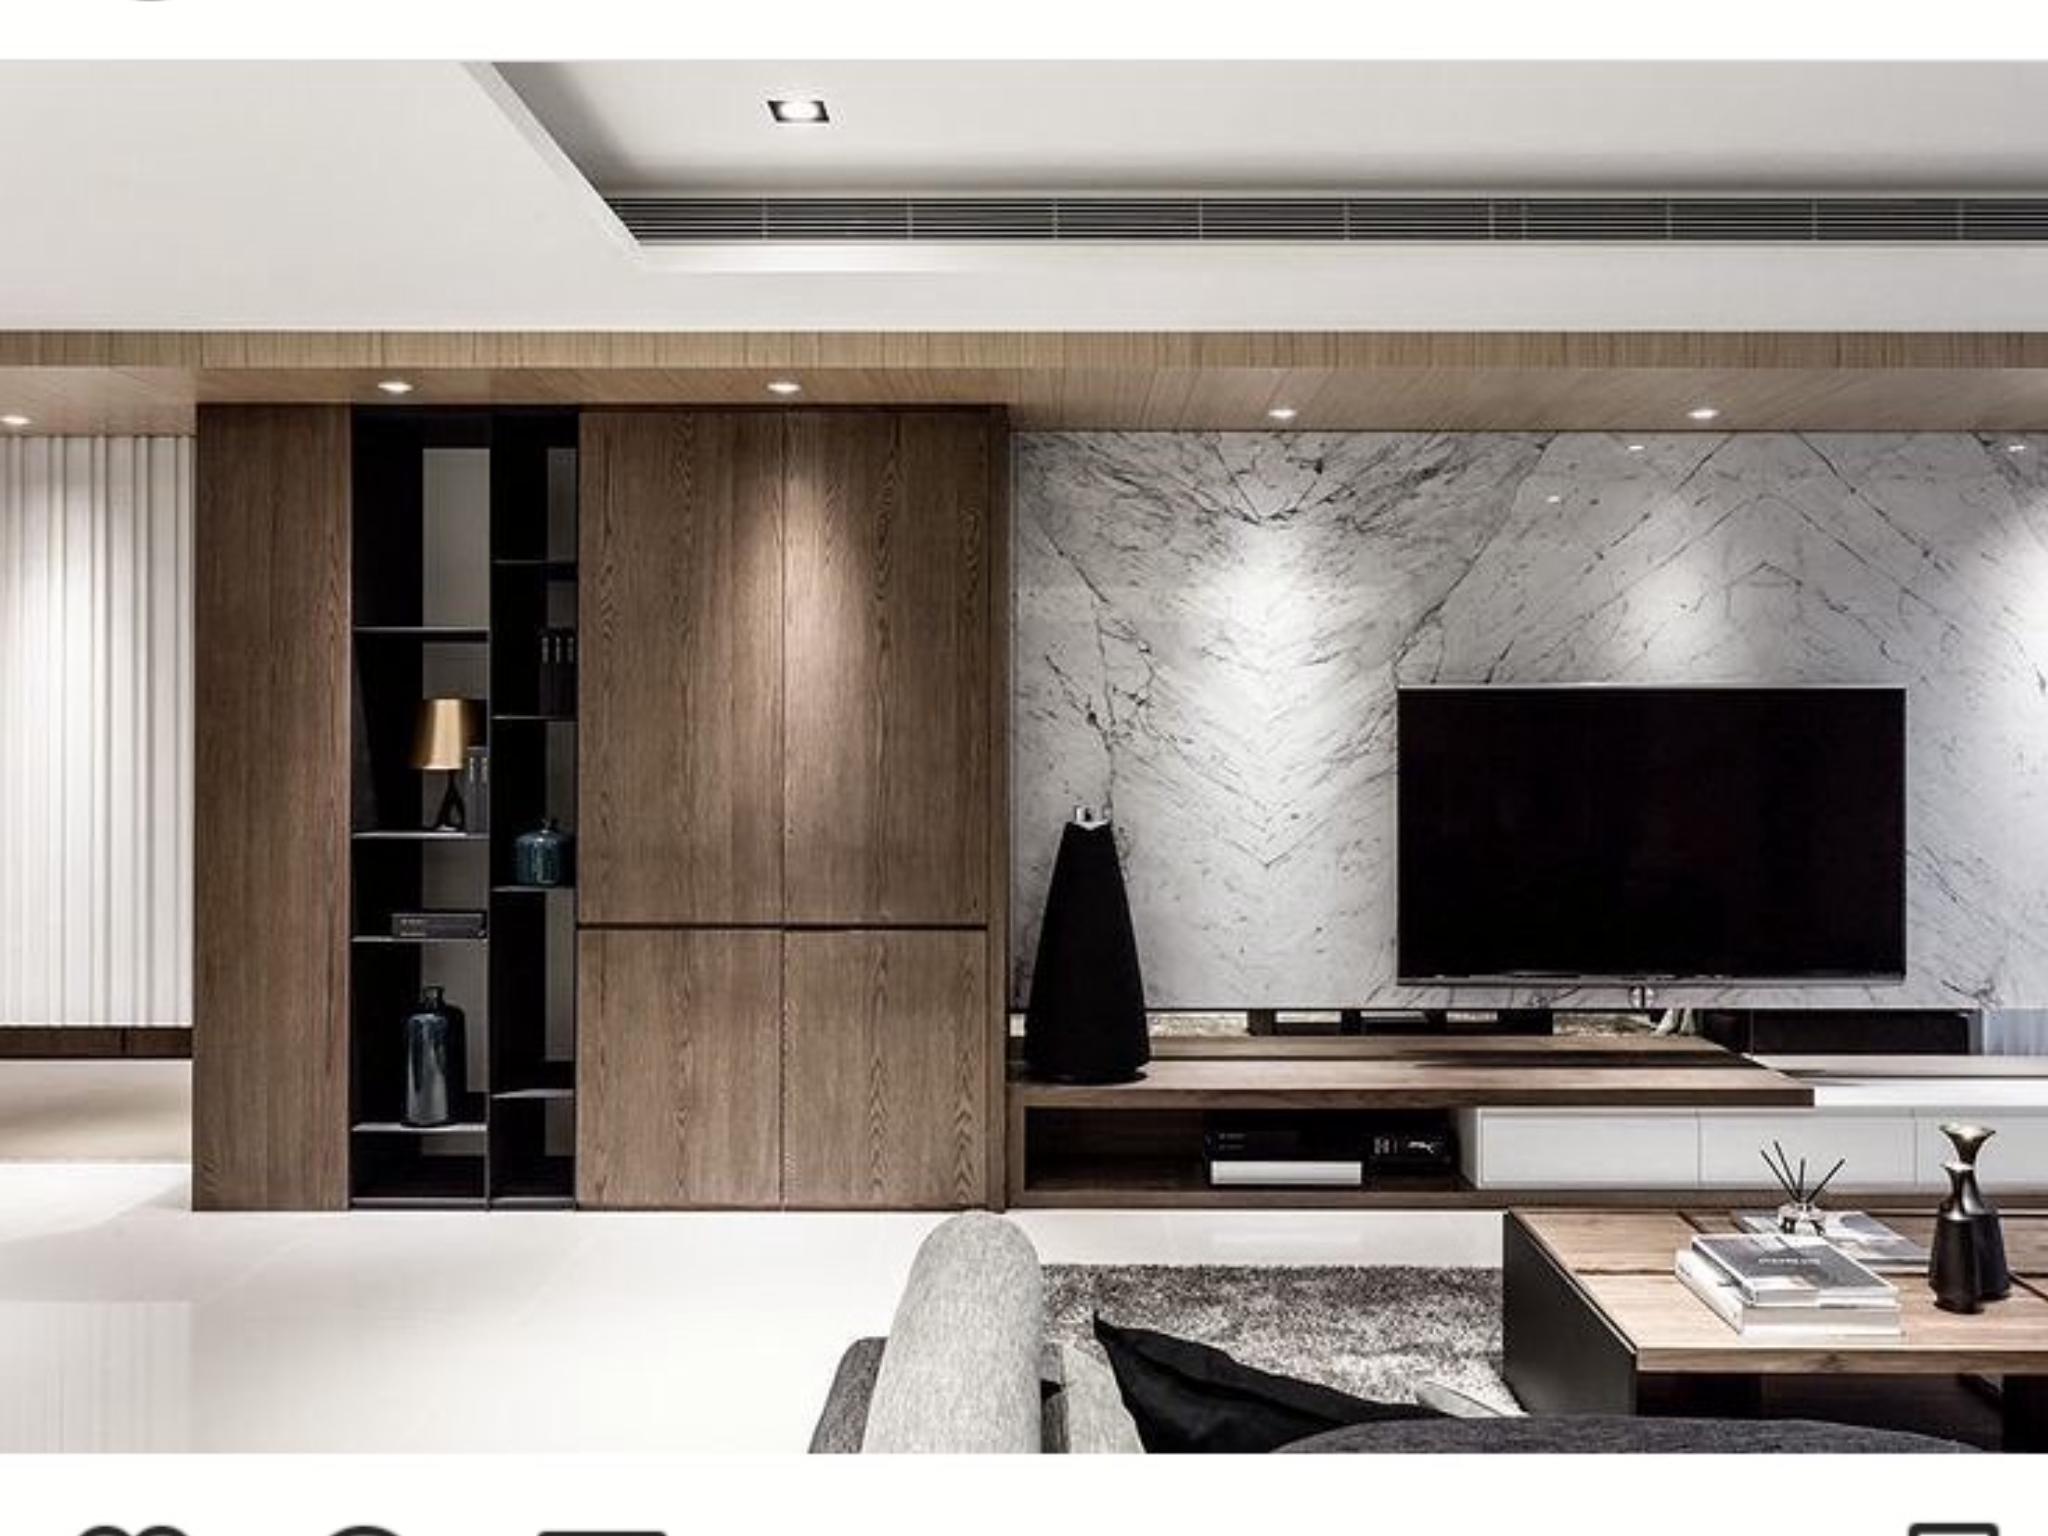 Porta televisori a muro excellent parete attrezzata porta tv con pannello a muro estraibile ed - Porta televisori a parete ...